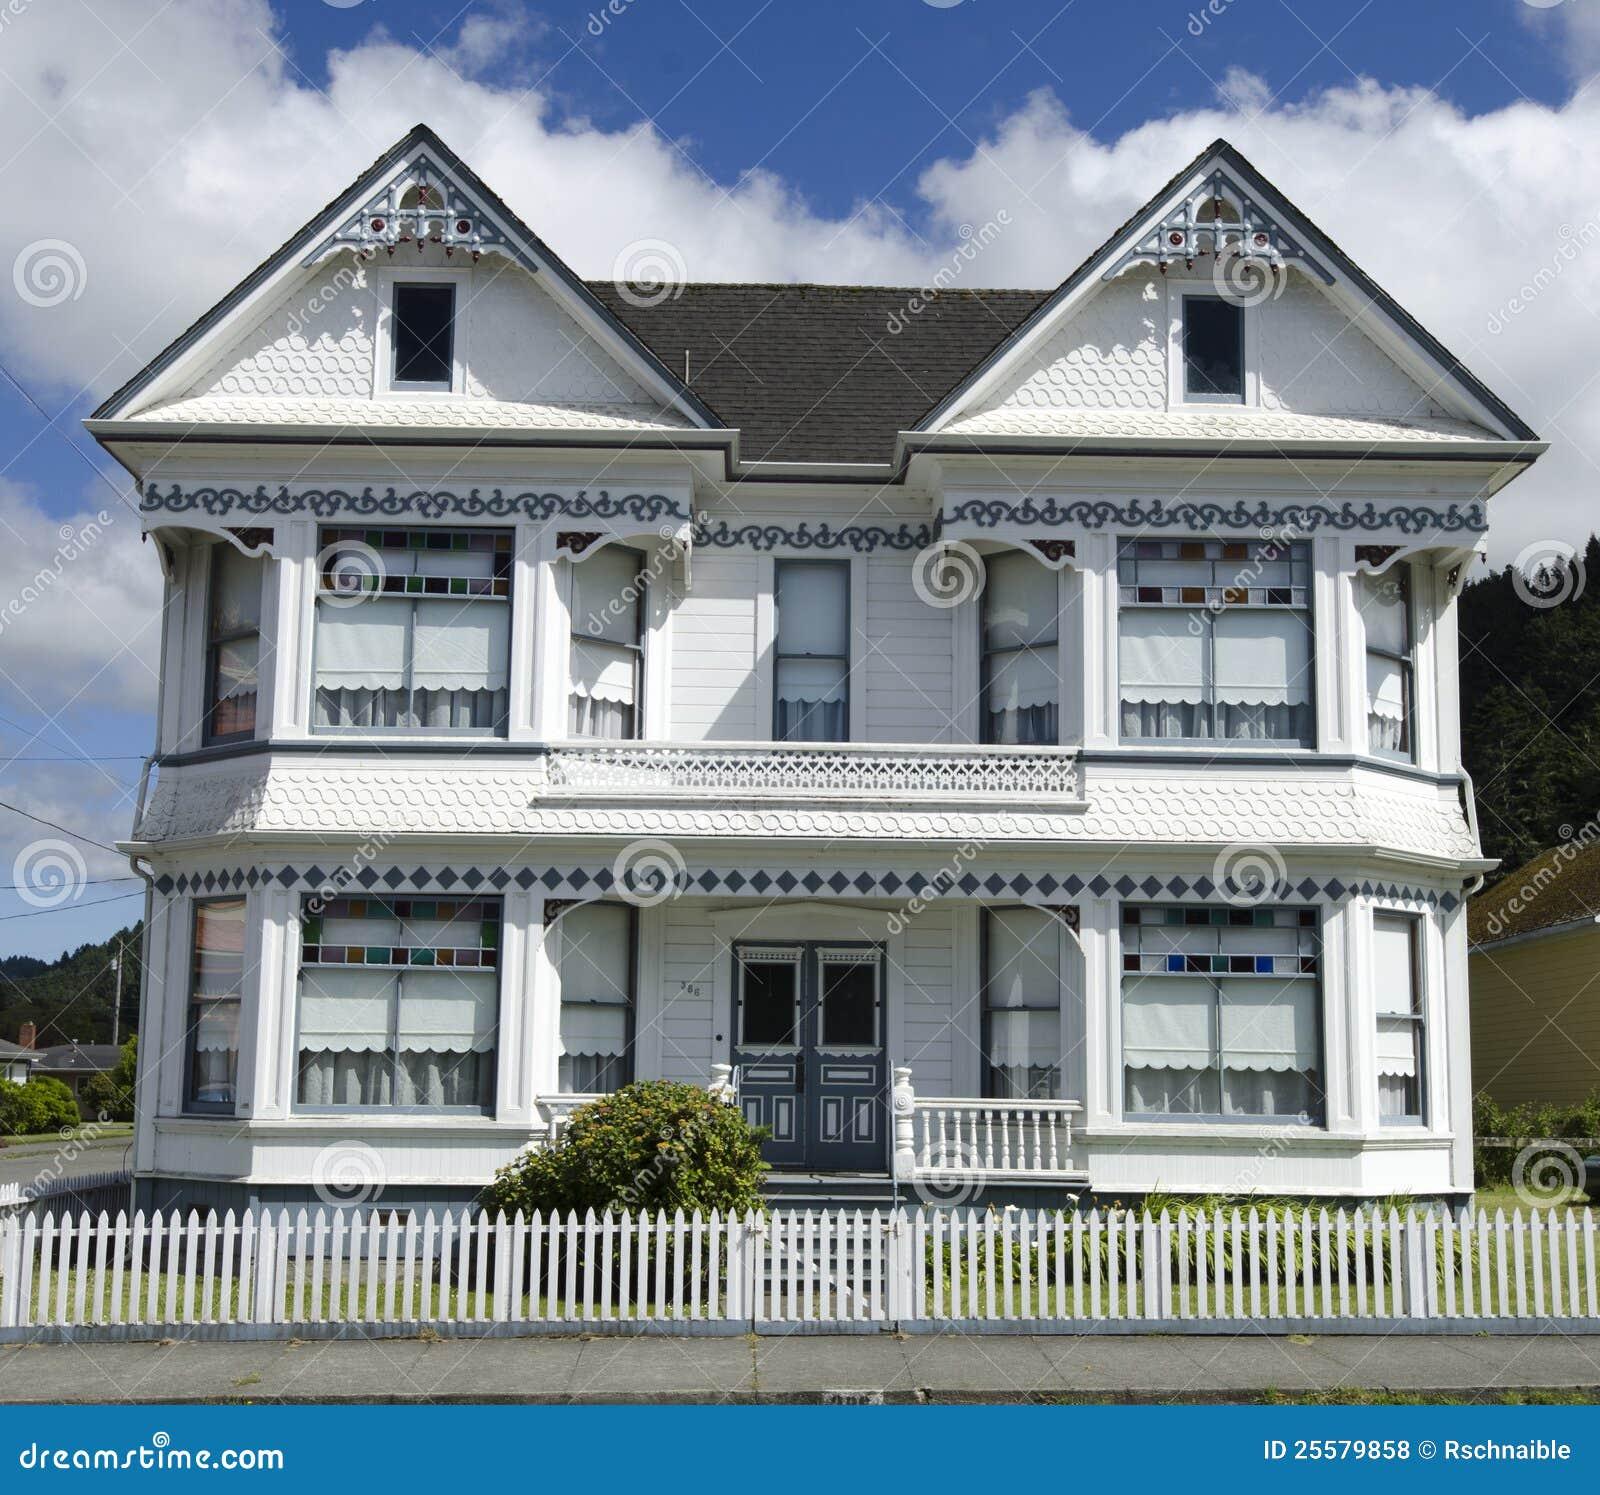 Maison victorienne blanche sous le ciel nuageux bleu for Decoration maison victorienne